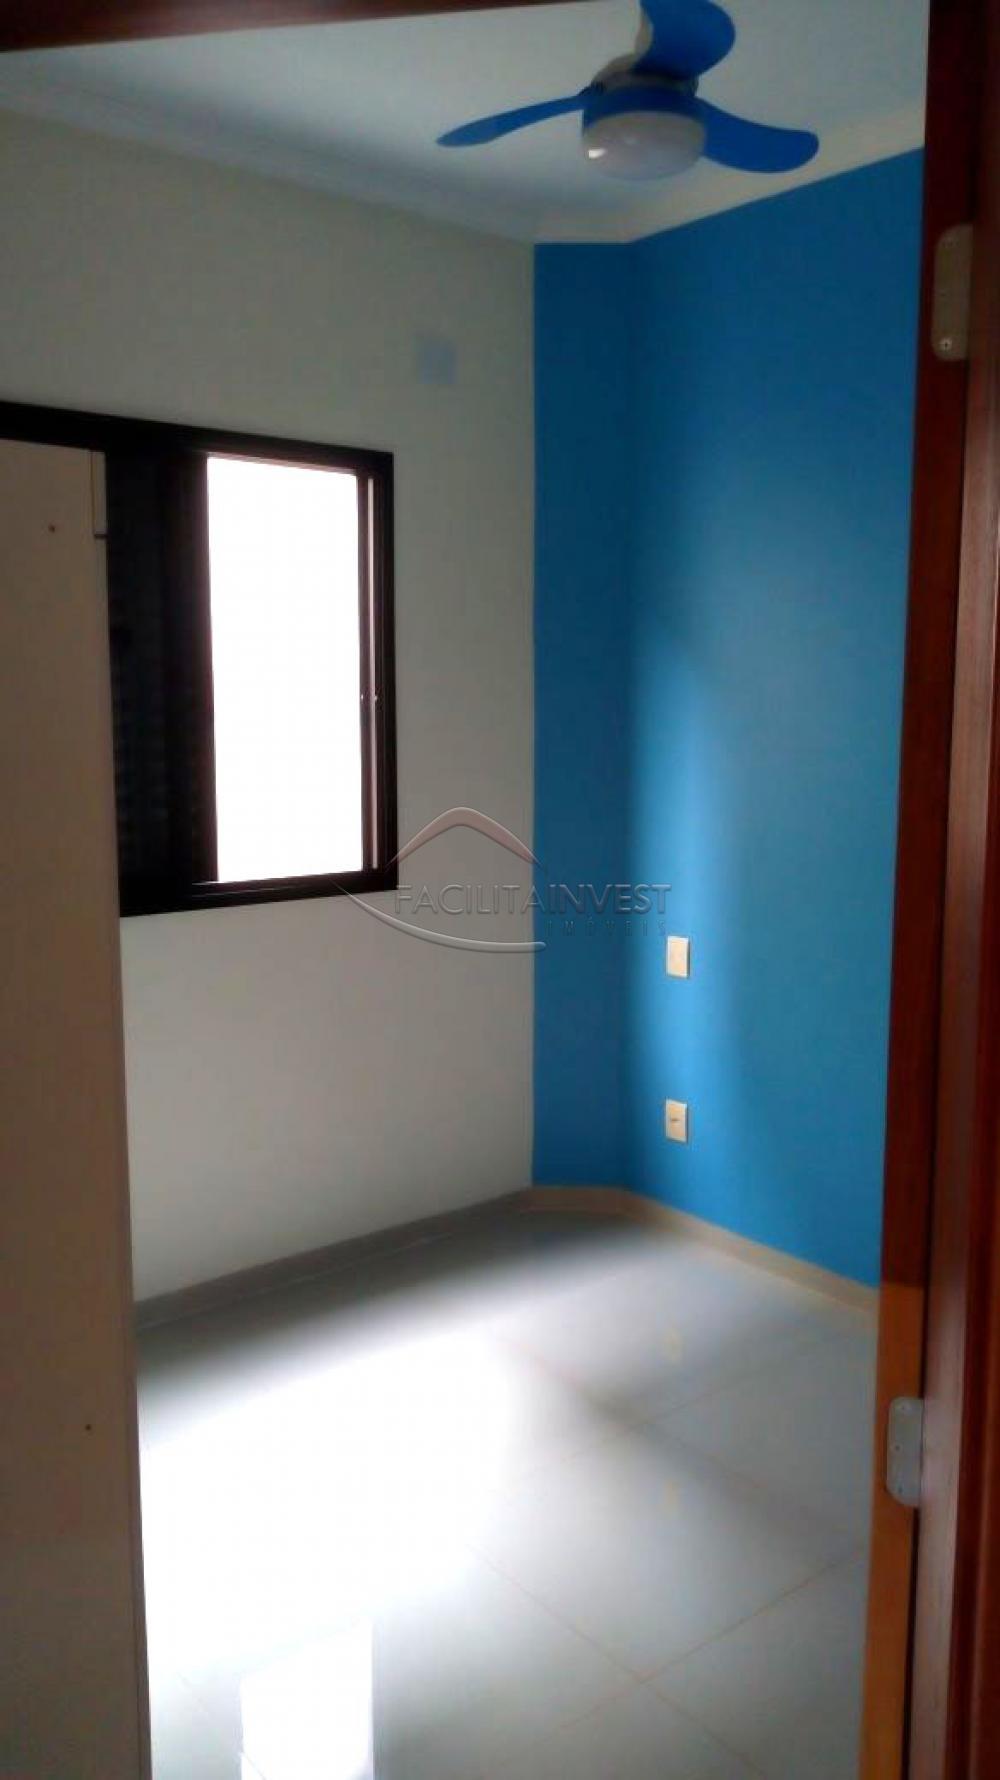 Alugar Apartamentos / Apart. Padrão em Ribeirão Preto apenas R$ 1.350,00 - Foto 11